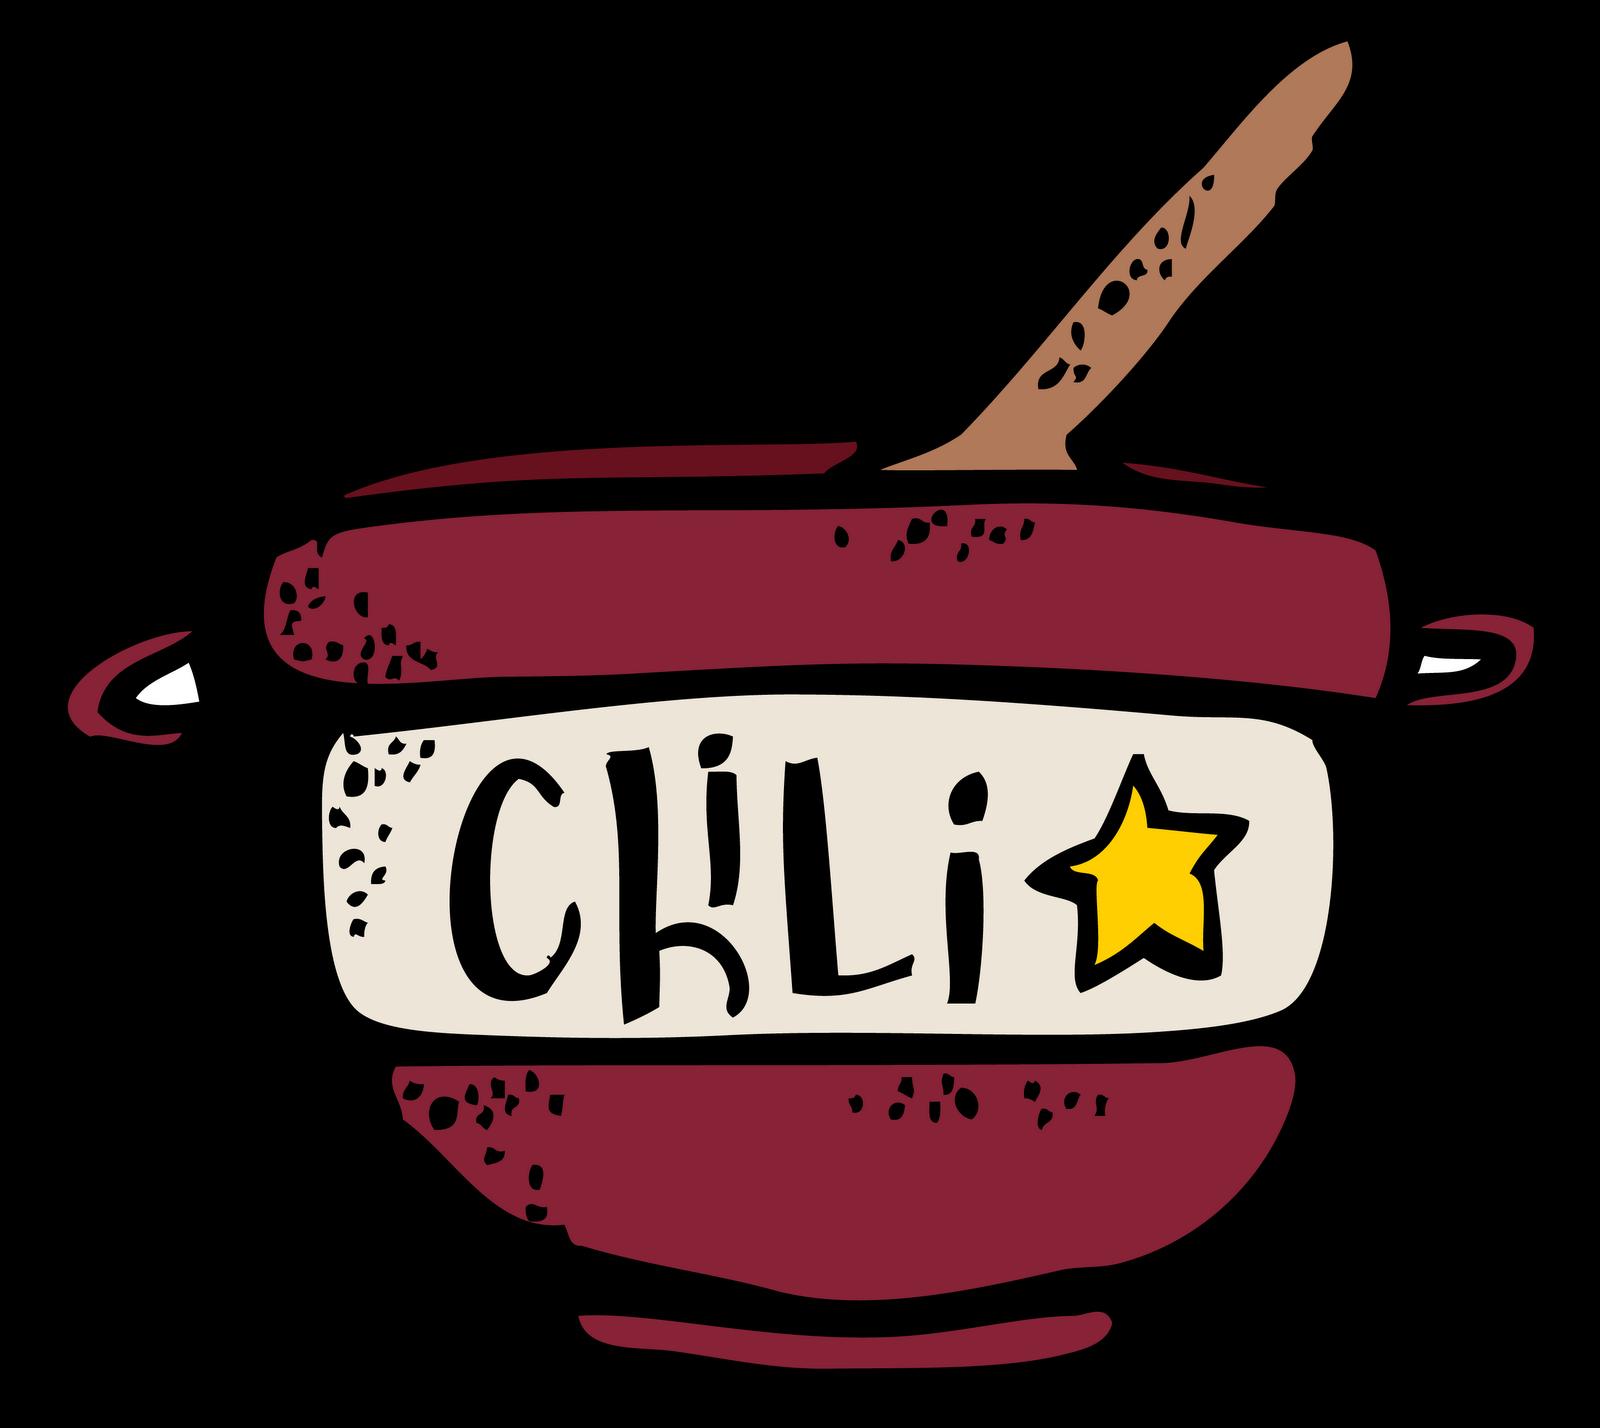 Kitchen chefs clipart clipartfest cartoon restaurant kitchen - Album